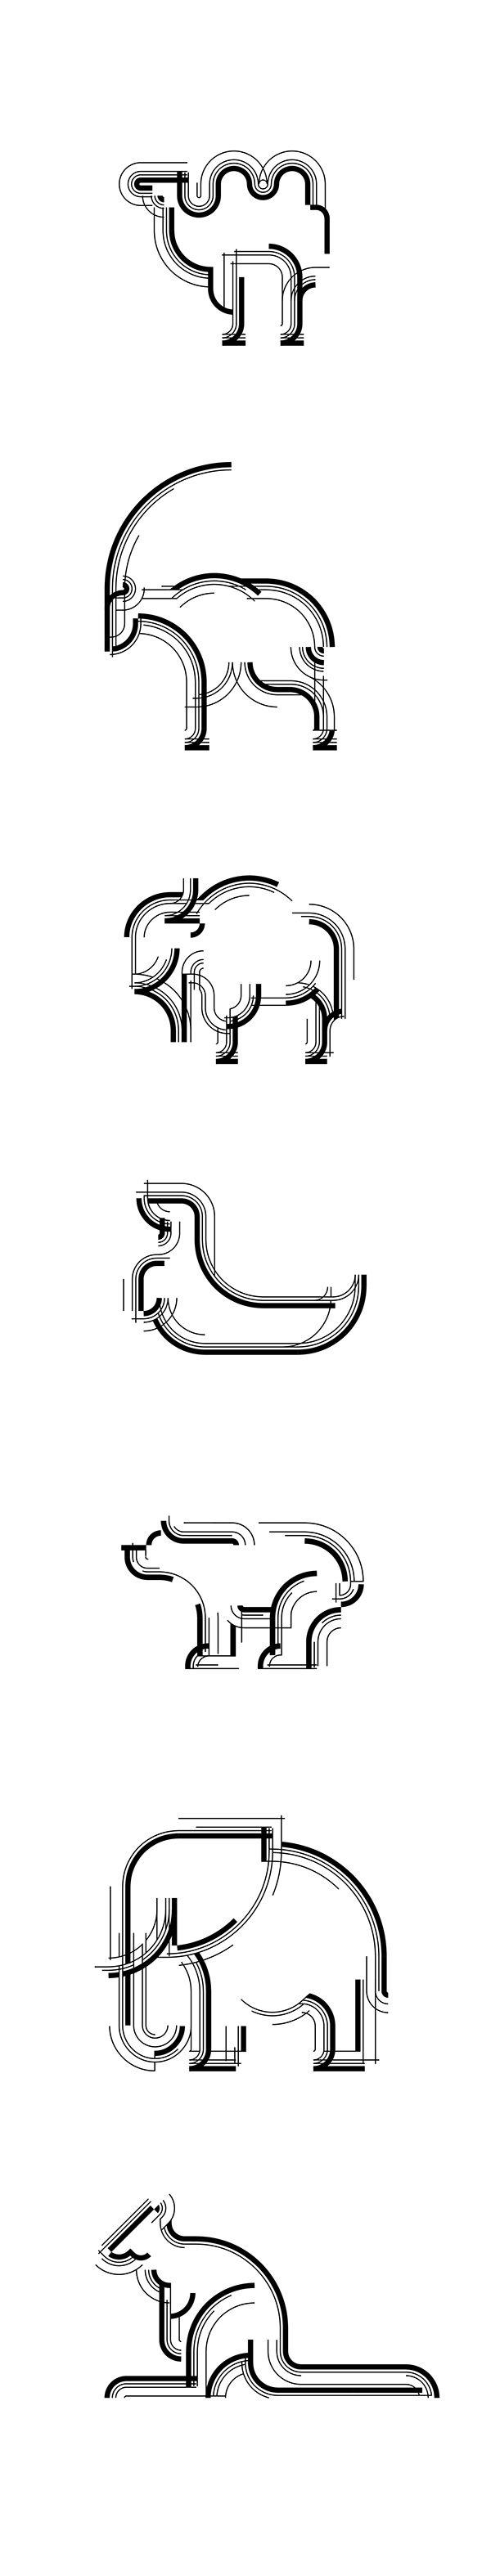 动态多形态:WARSAW ZOO 华沙动物园品牌视觉形象设计-古田路9号